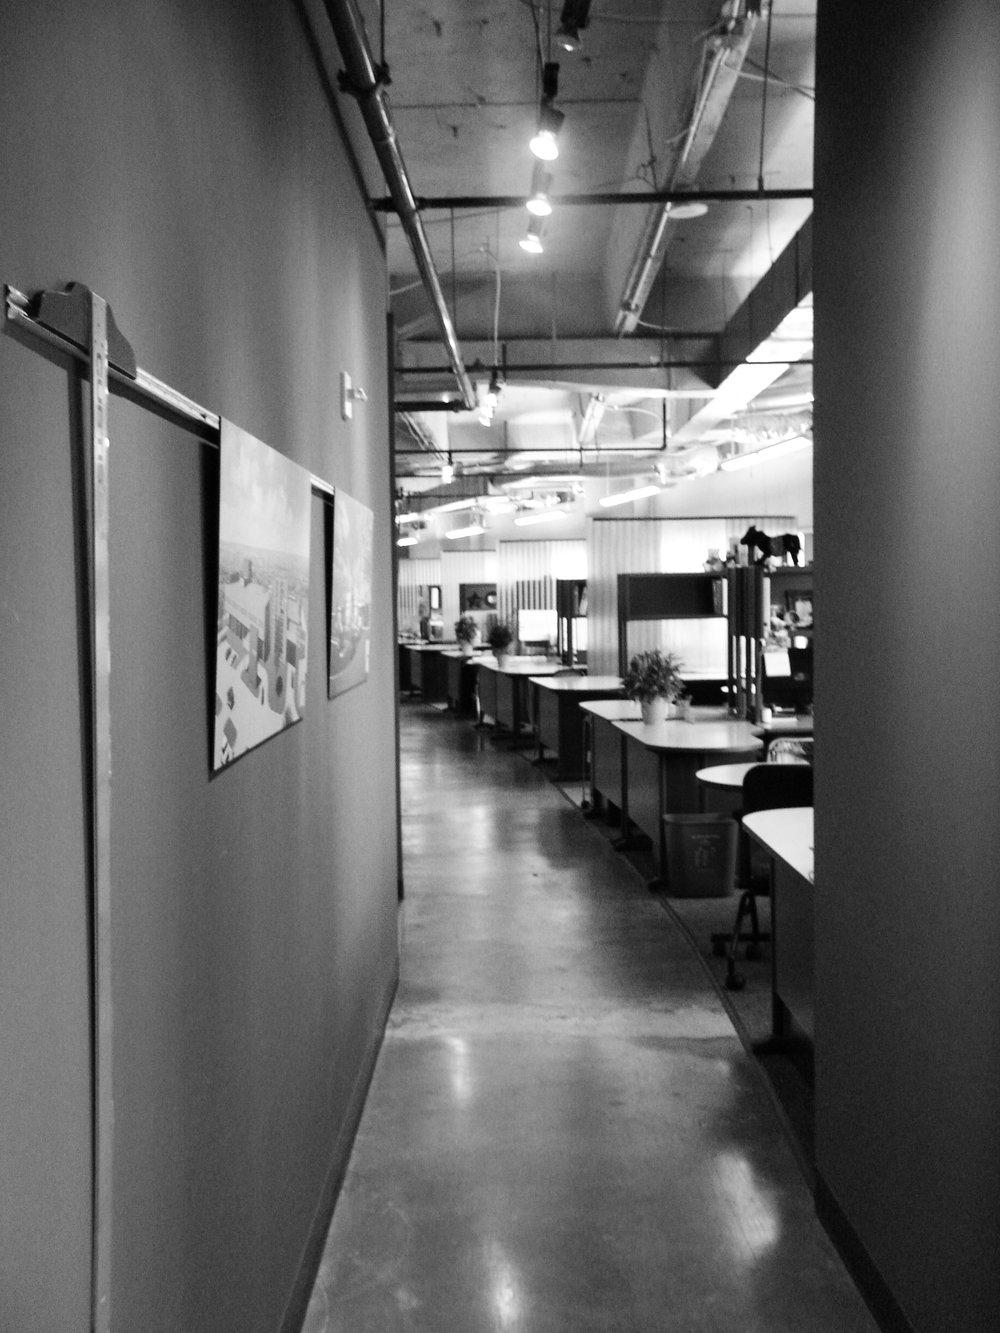 Hallway edited b&w.jpg